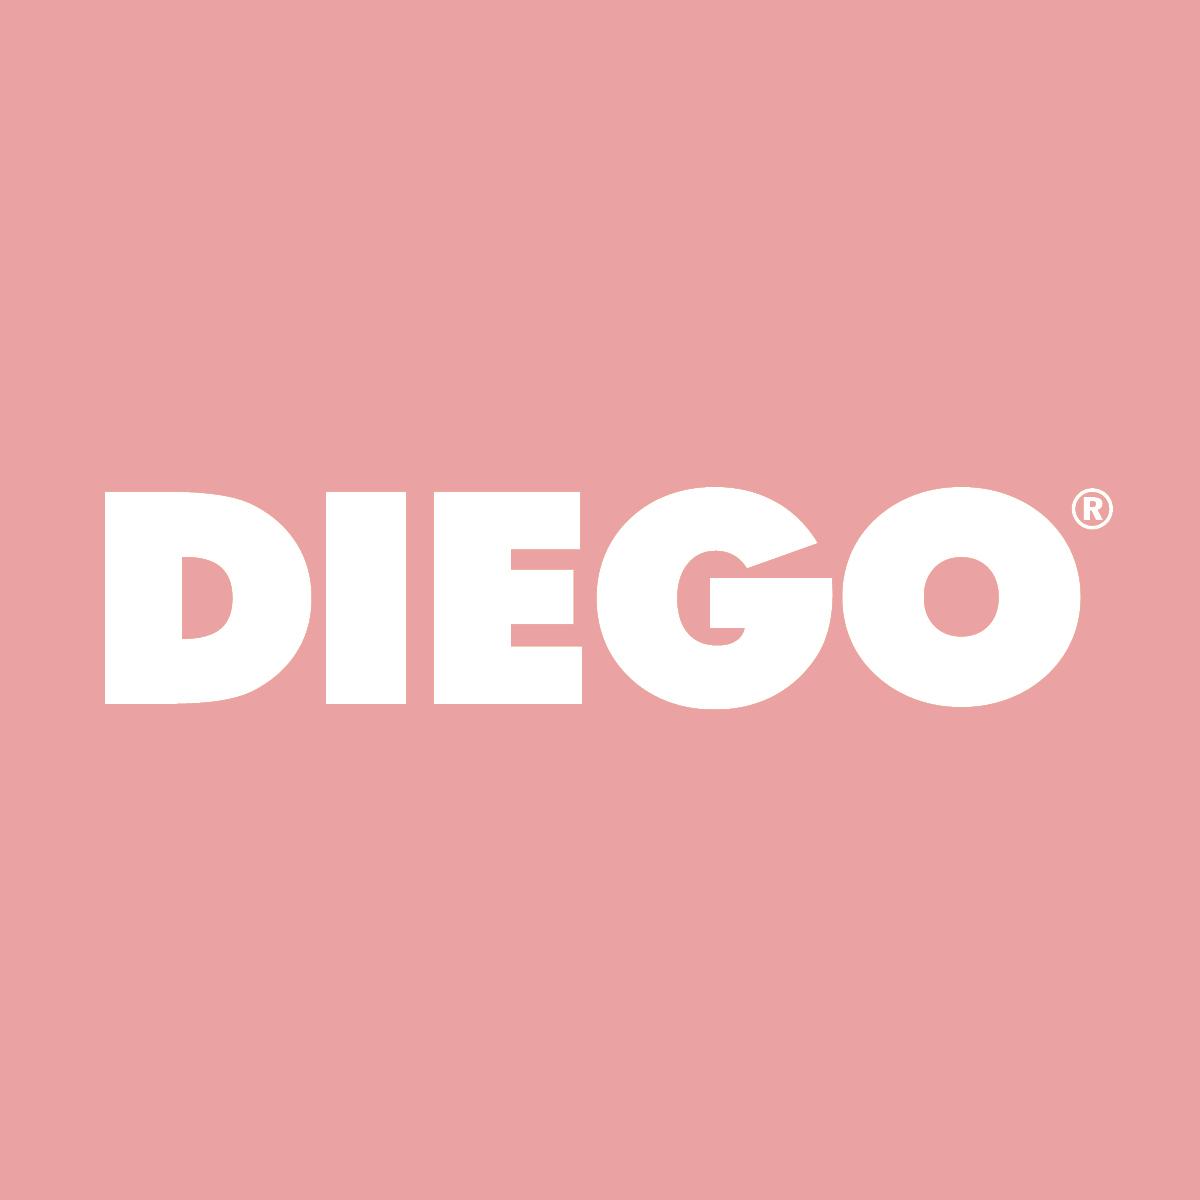 Velvet Plissé behúzó szalagos ezüst sötétítő készfüggöny